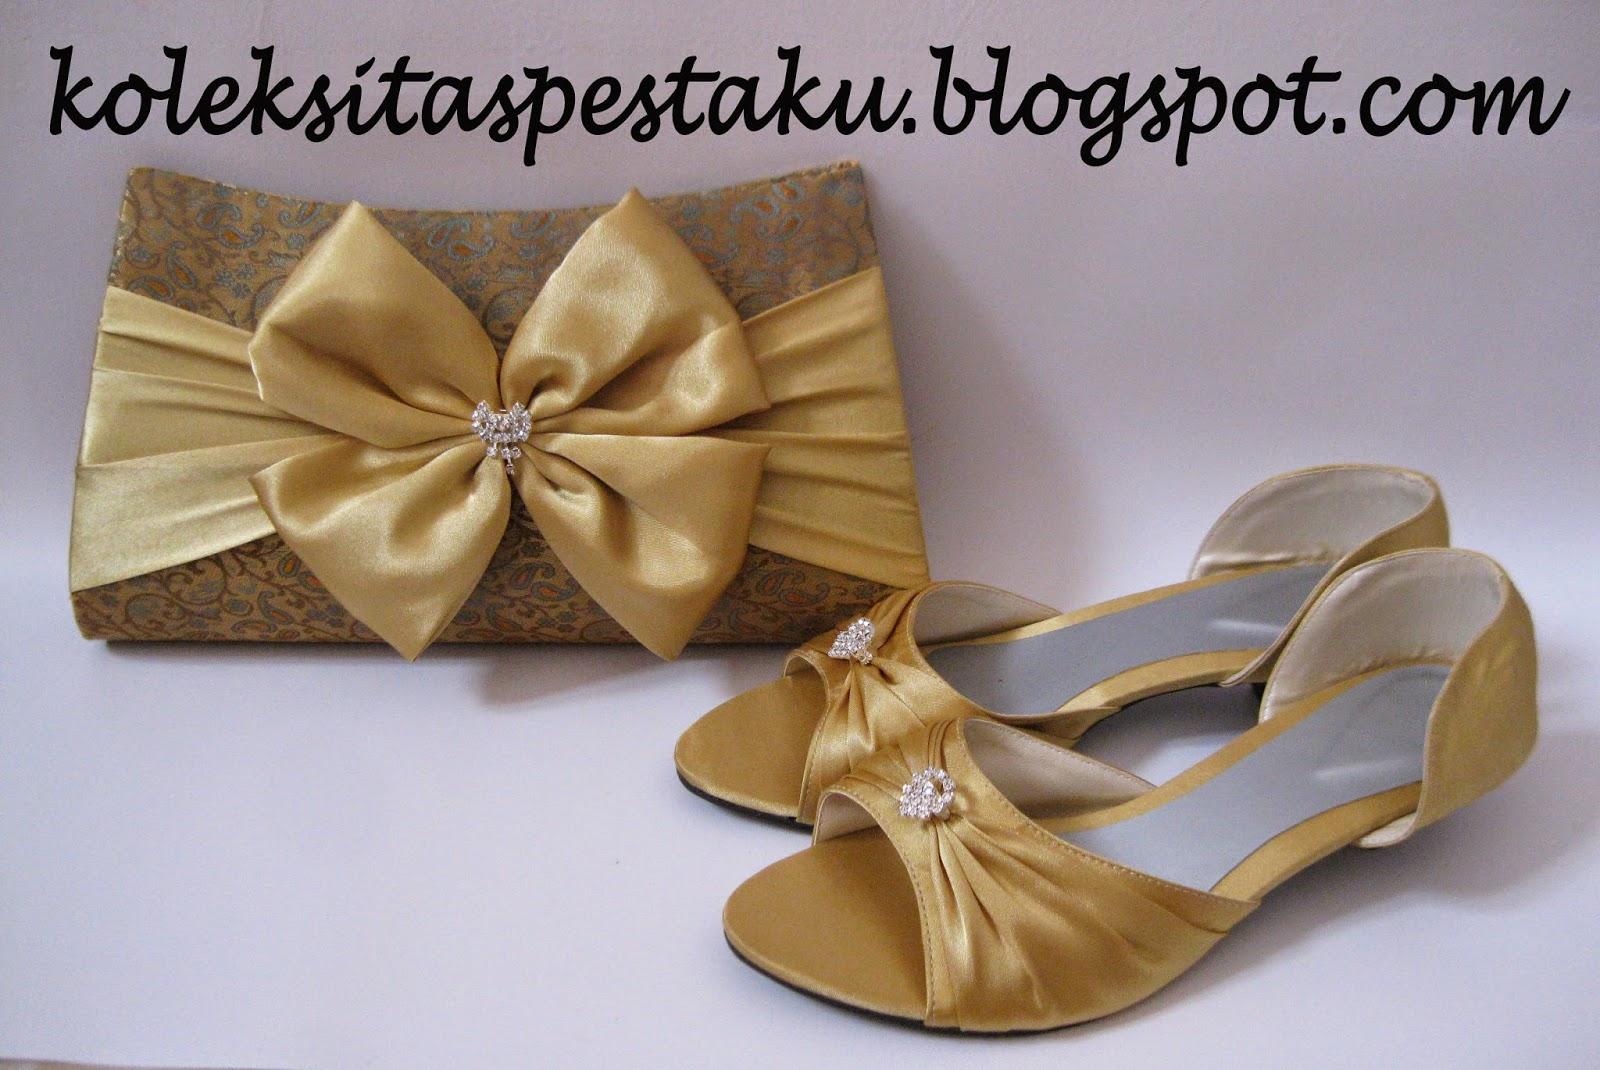 Sepatu pesta terbaru dan tas pesta sari india gold